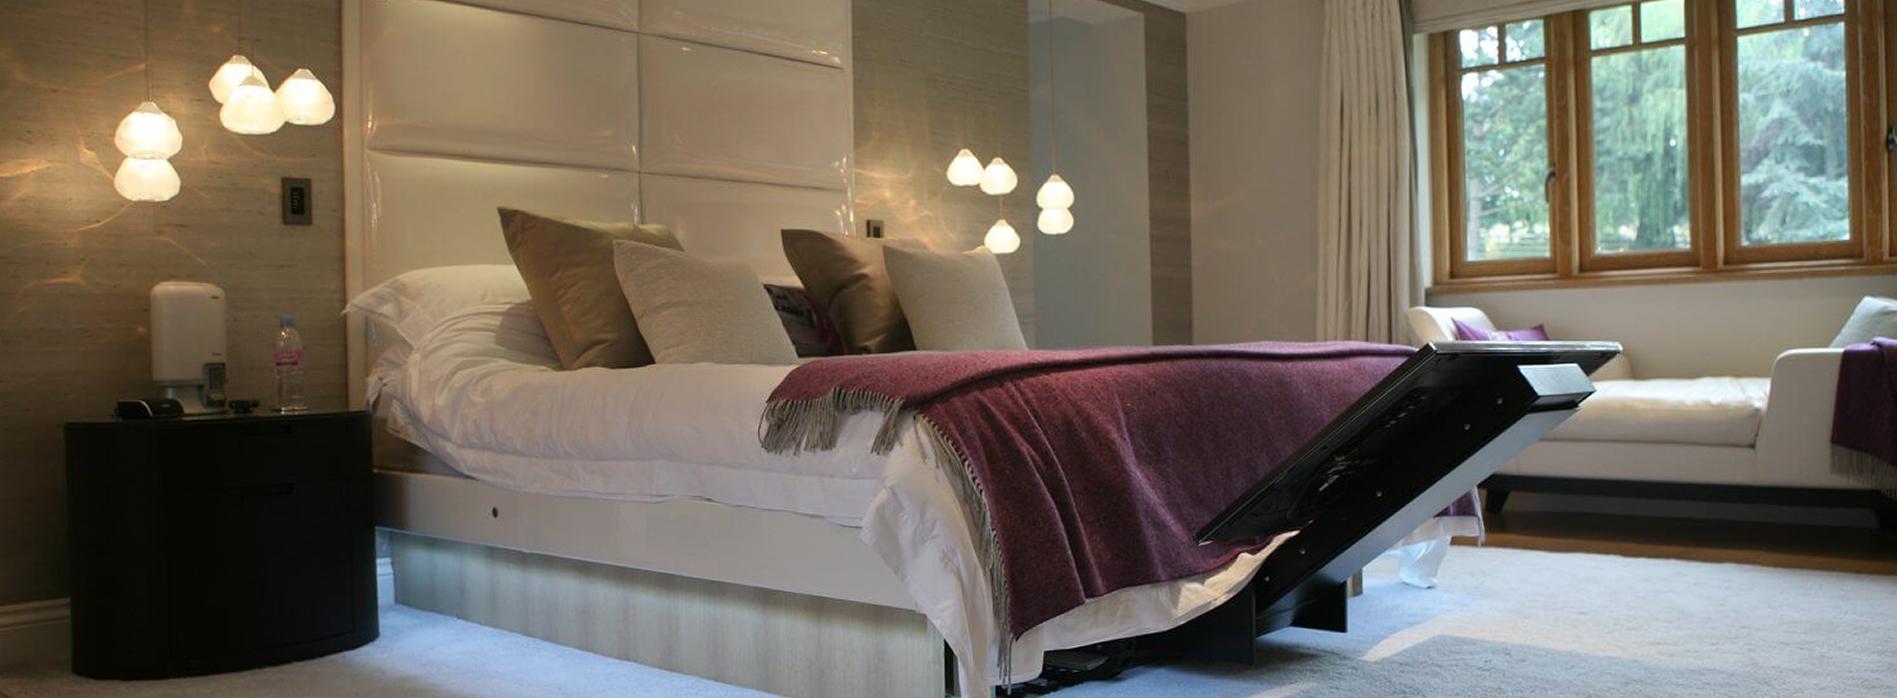 TV Installation Under Bed Lift-Long-Isla